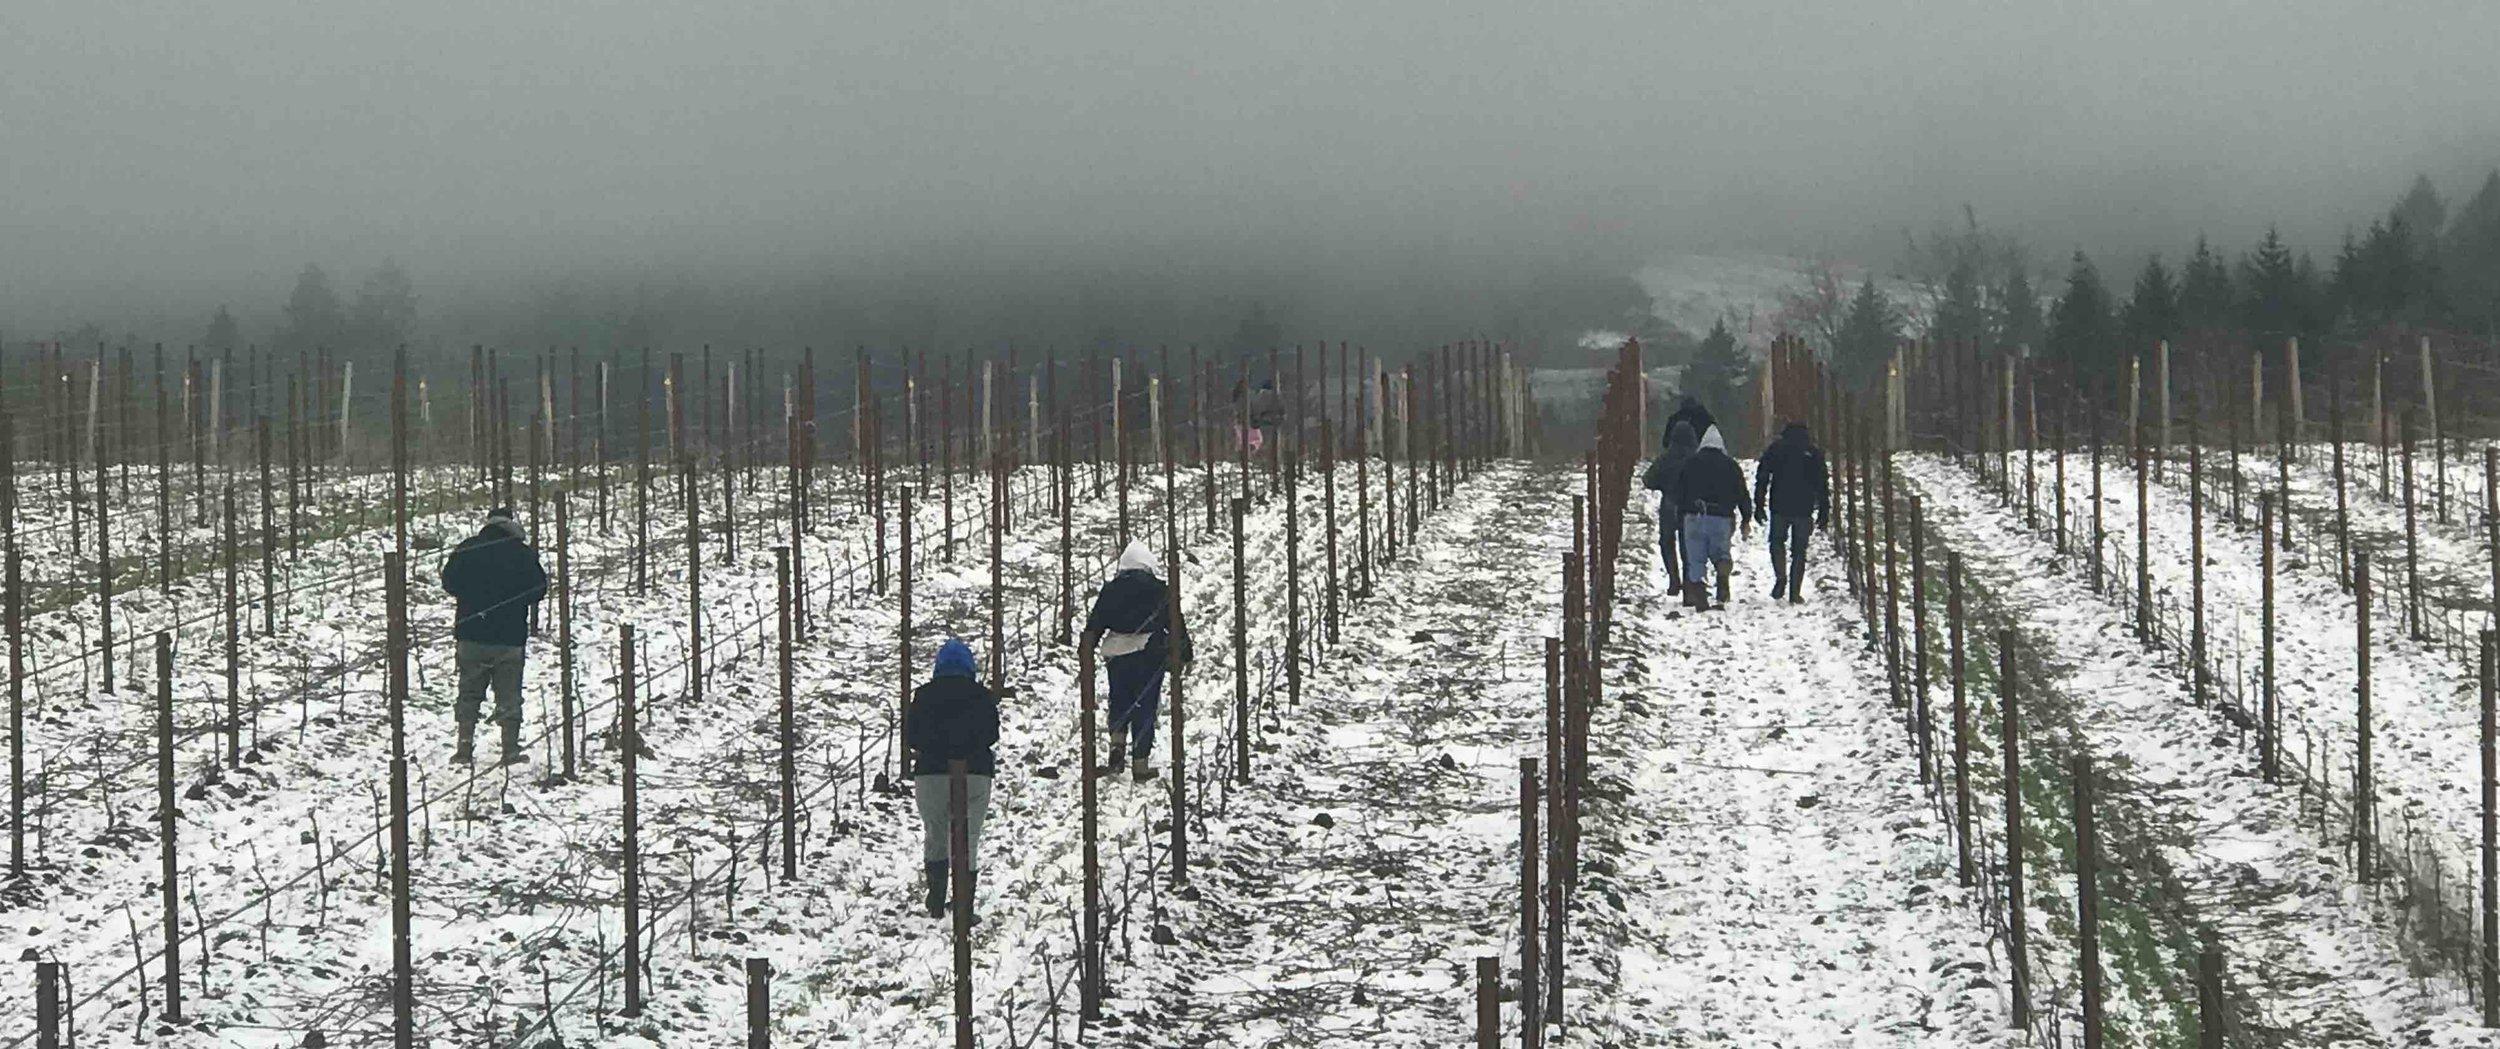 Pruning crew at the Bracken Vineyard